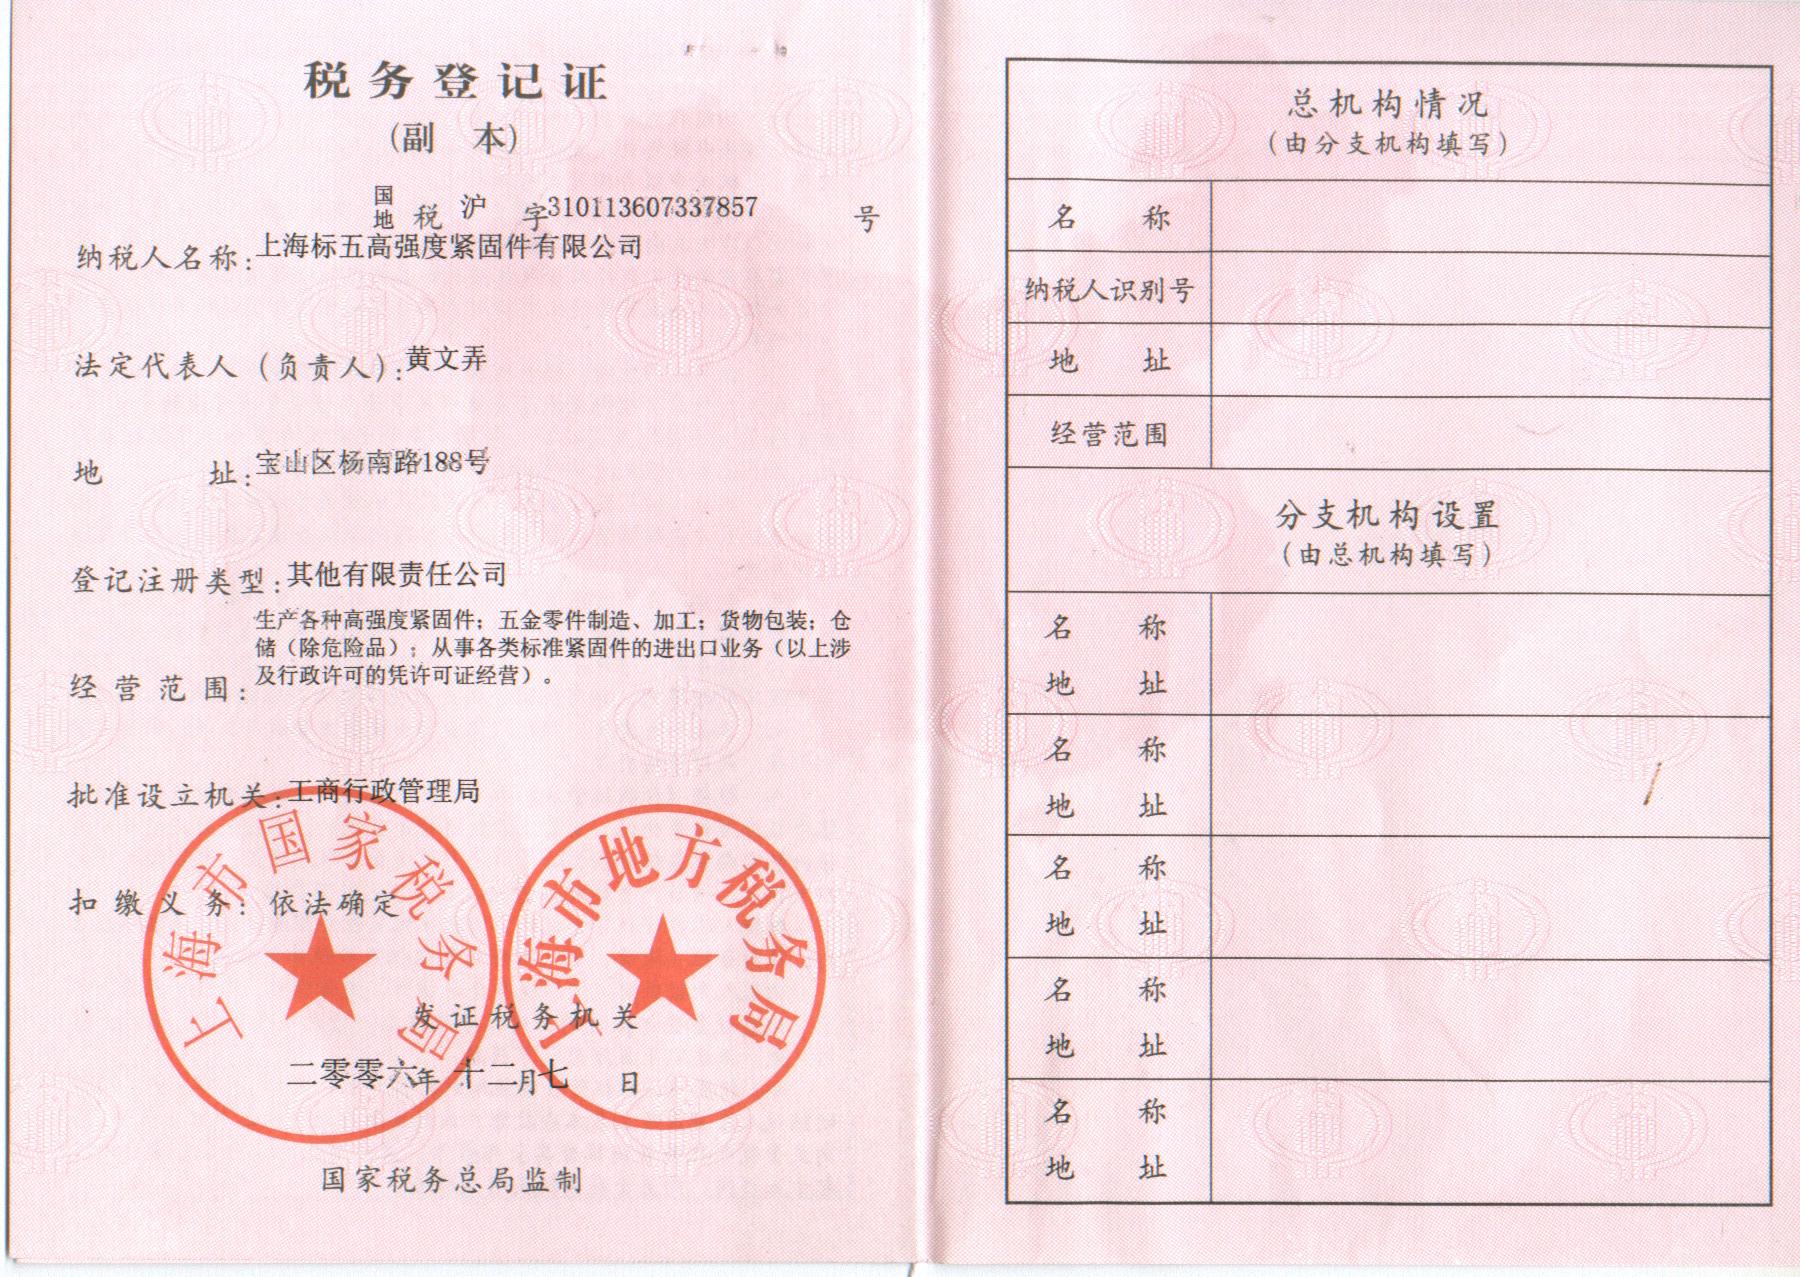 稅務登記證副本